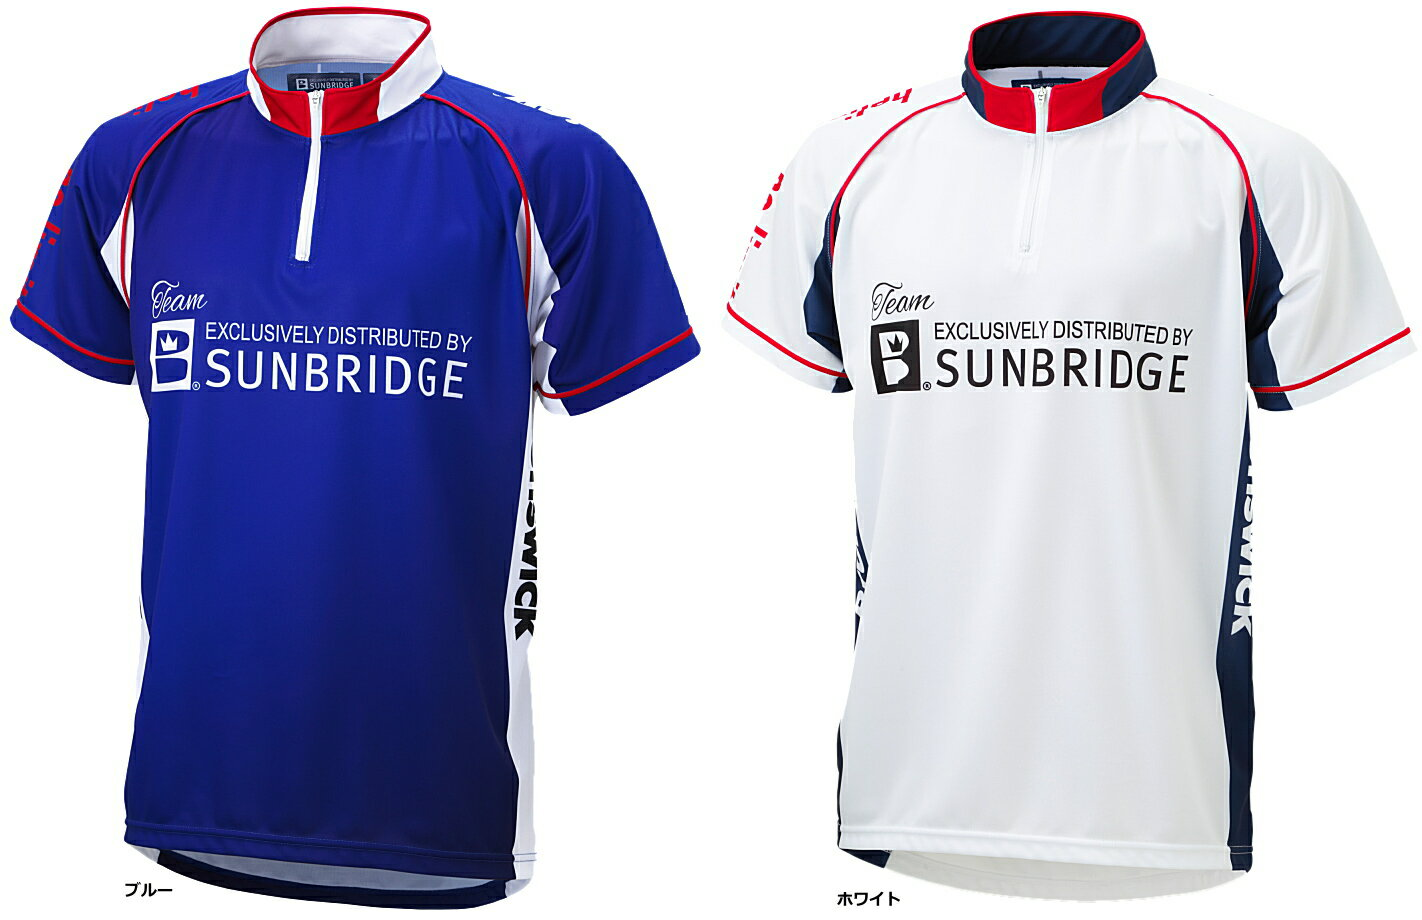 【B+(ビープラ)】 チームサンブリッジ・レプリカウェア(Brunswick) 立襟ジッパーシャツ (男女兼用サイズ)